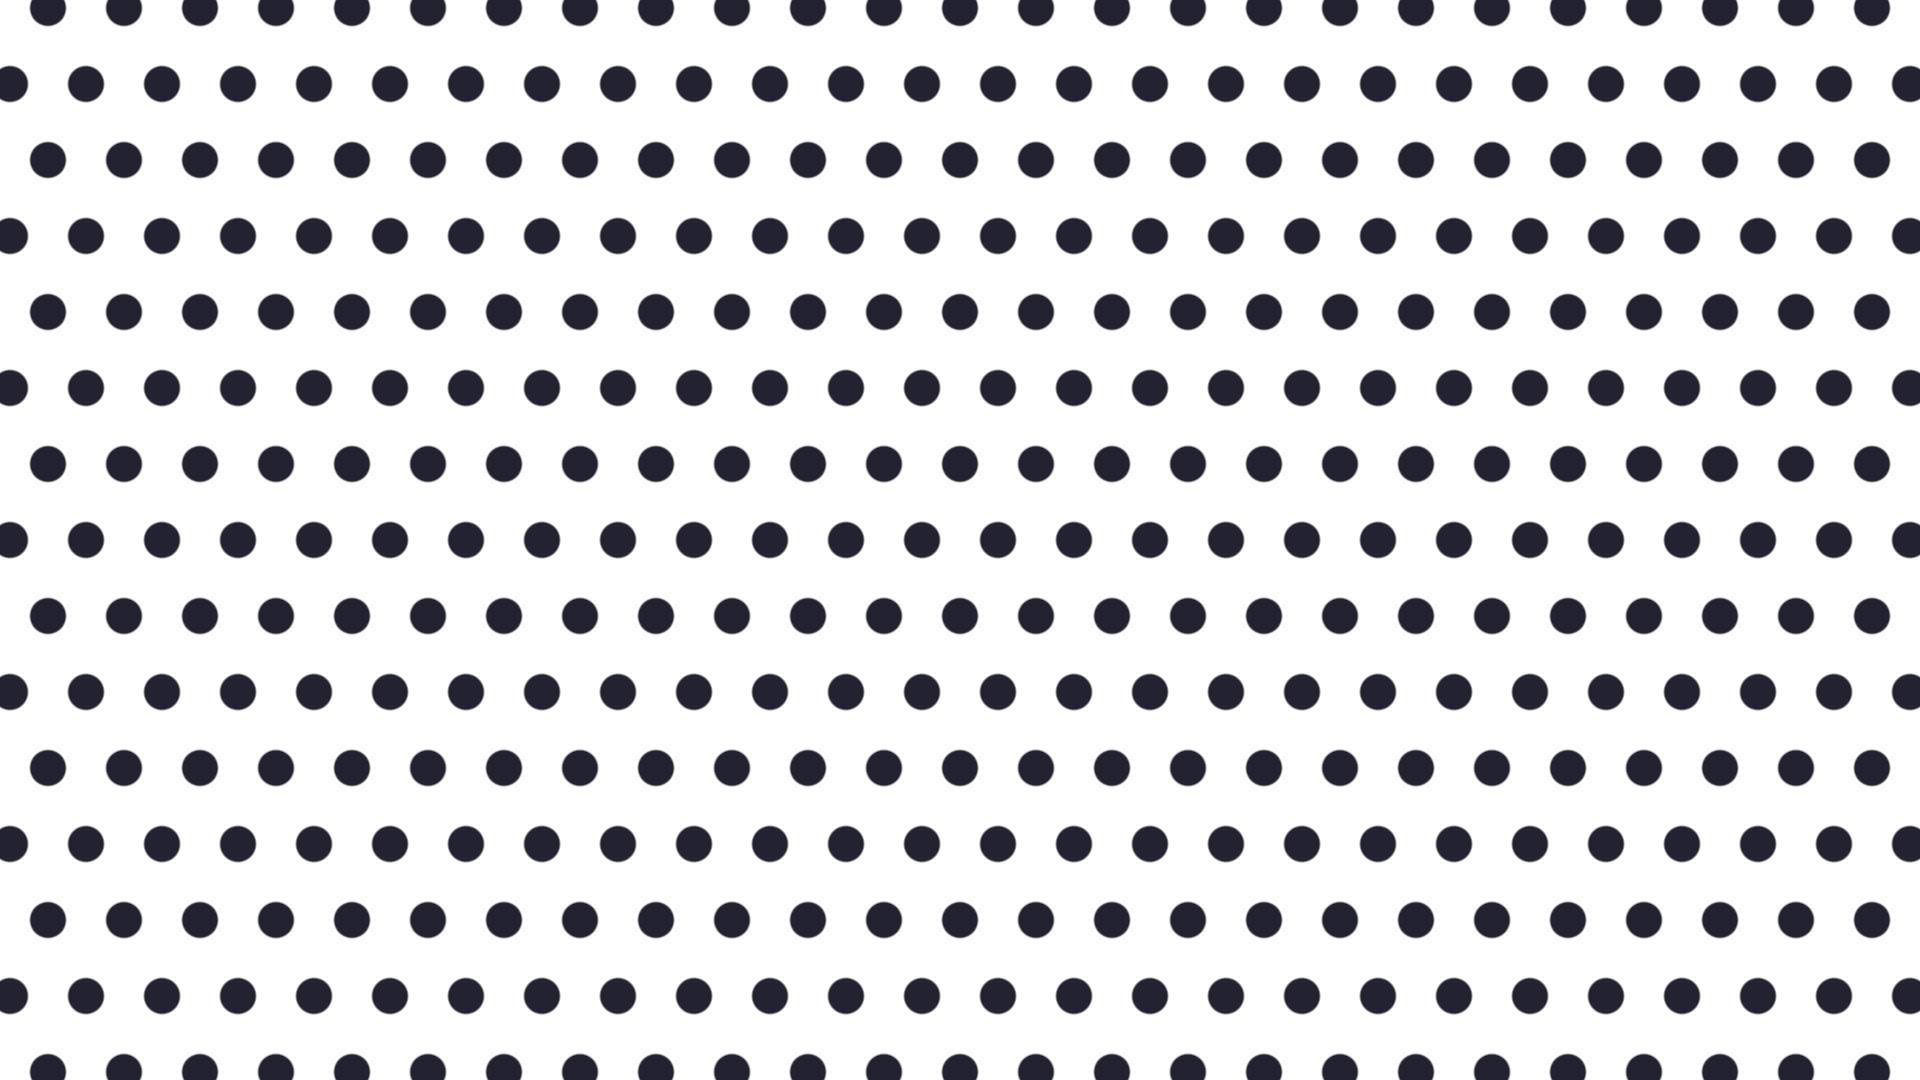 小さい黒色ドット背景。1920×1080